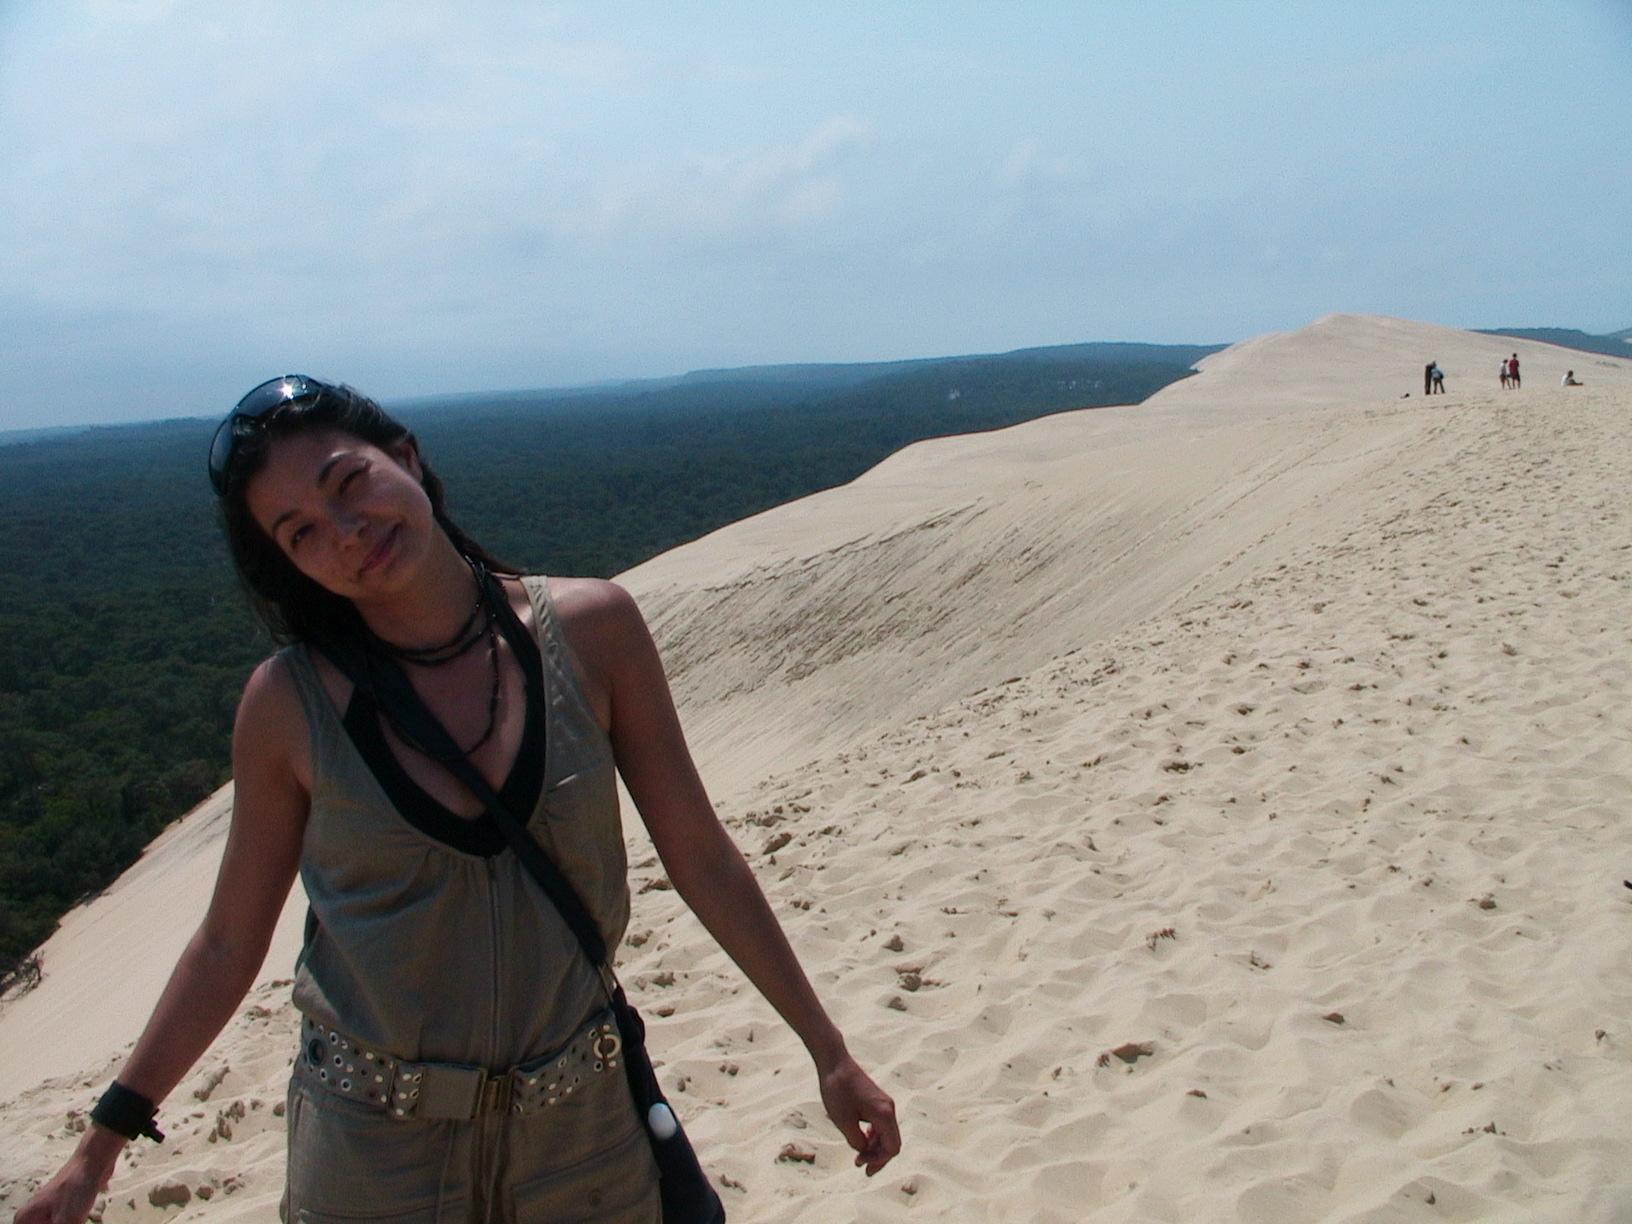 Ka on monster Grand Playa